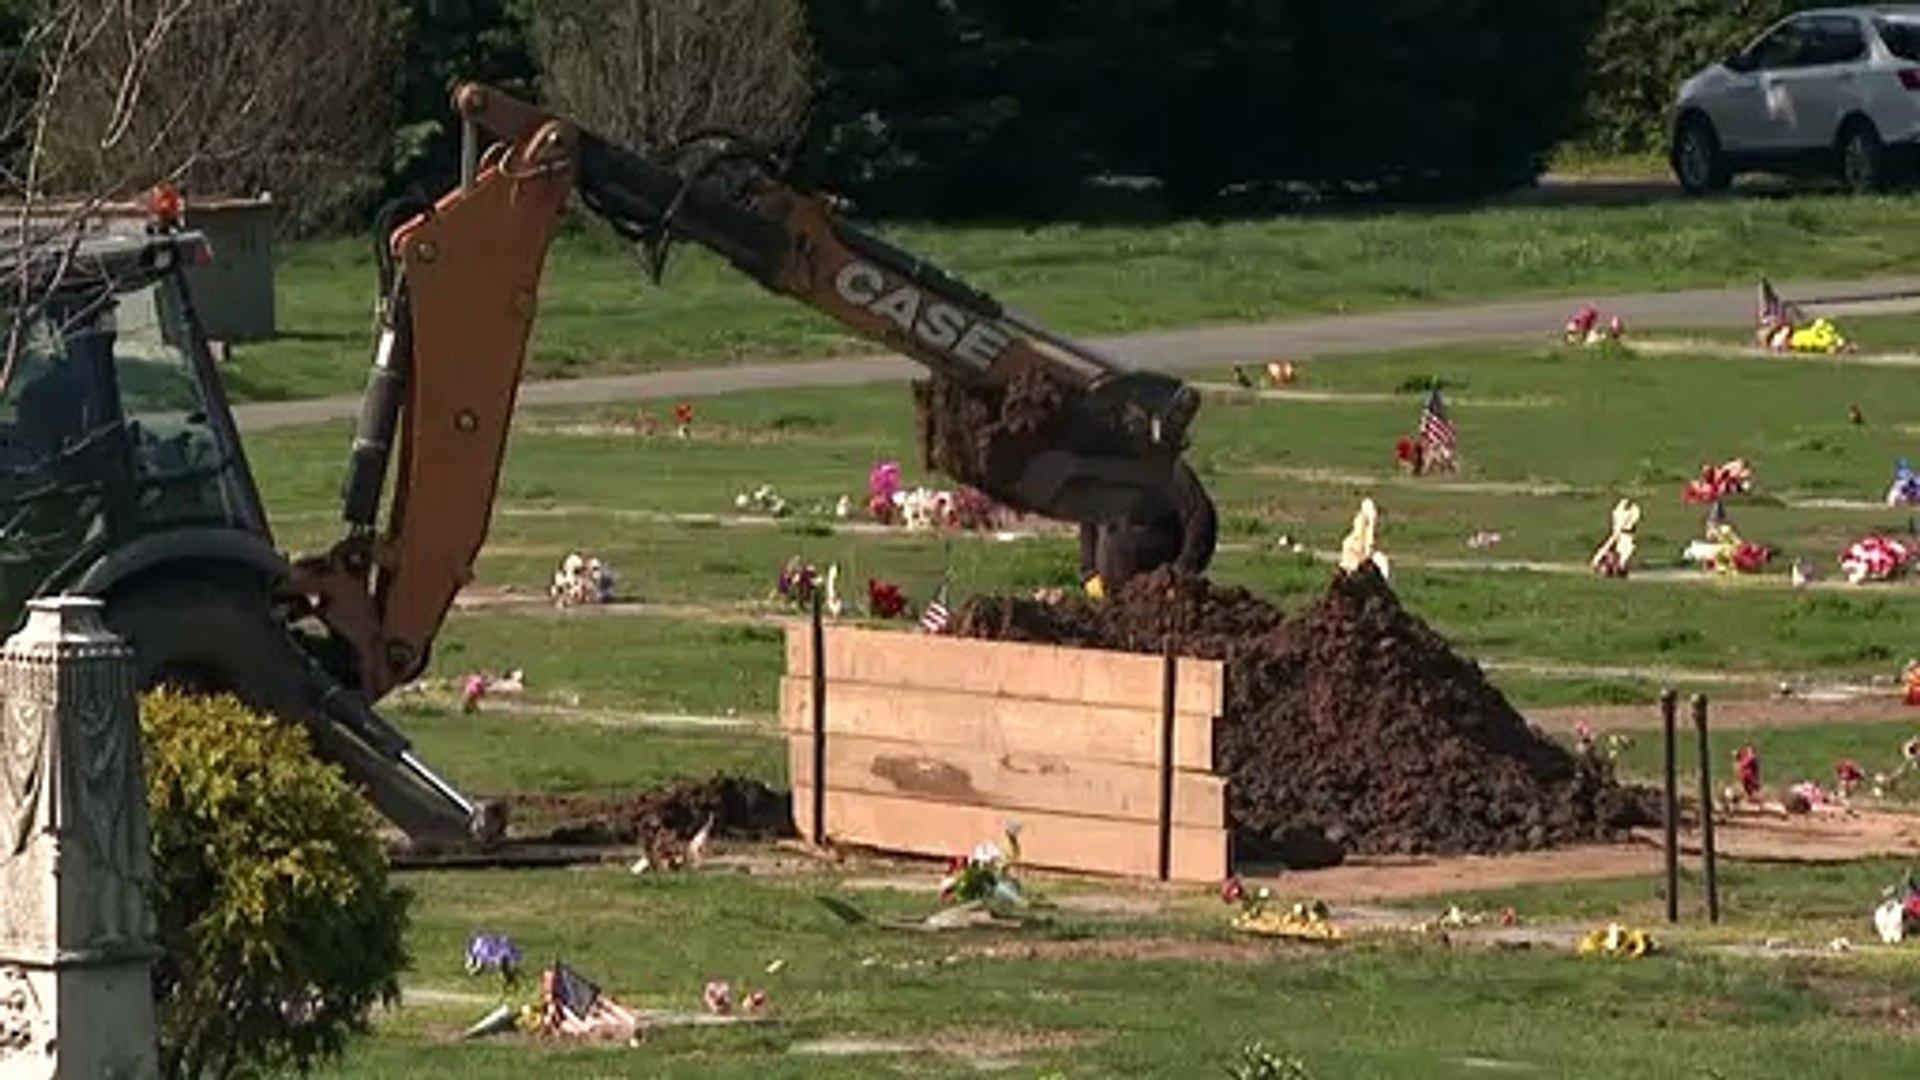 مقابر نيويورك غير قادرة على استقبال مزيد من الموتى جراء كوفيد-19